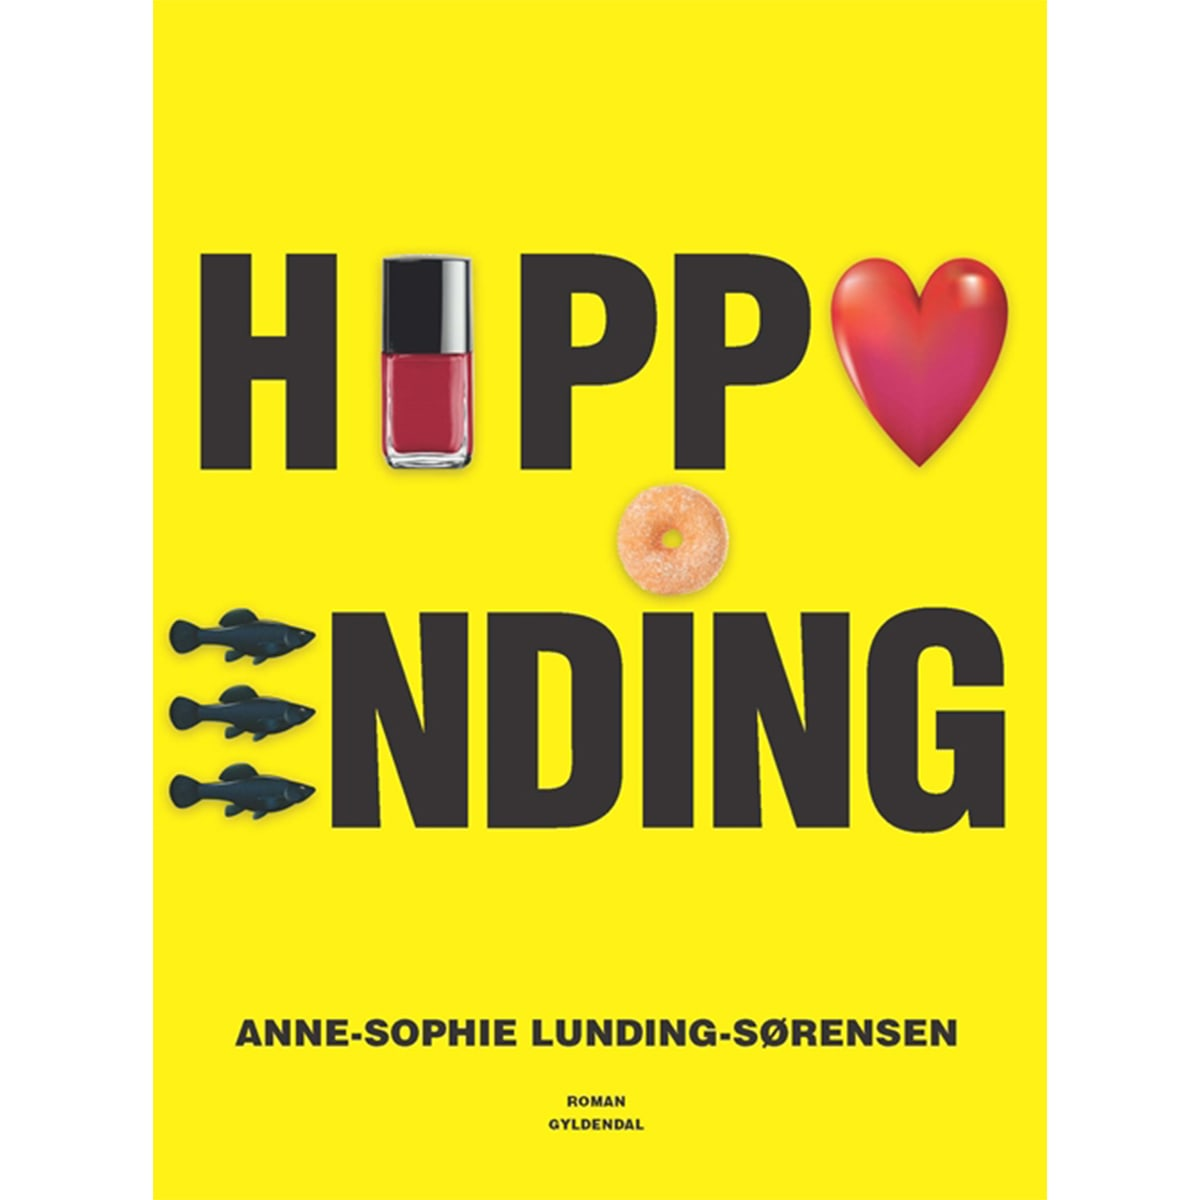 Af Anne-Sophie Lunding-Sørensen